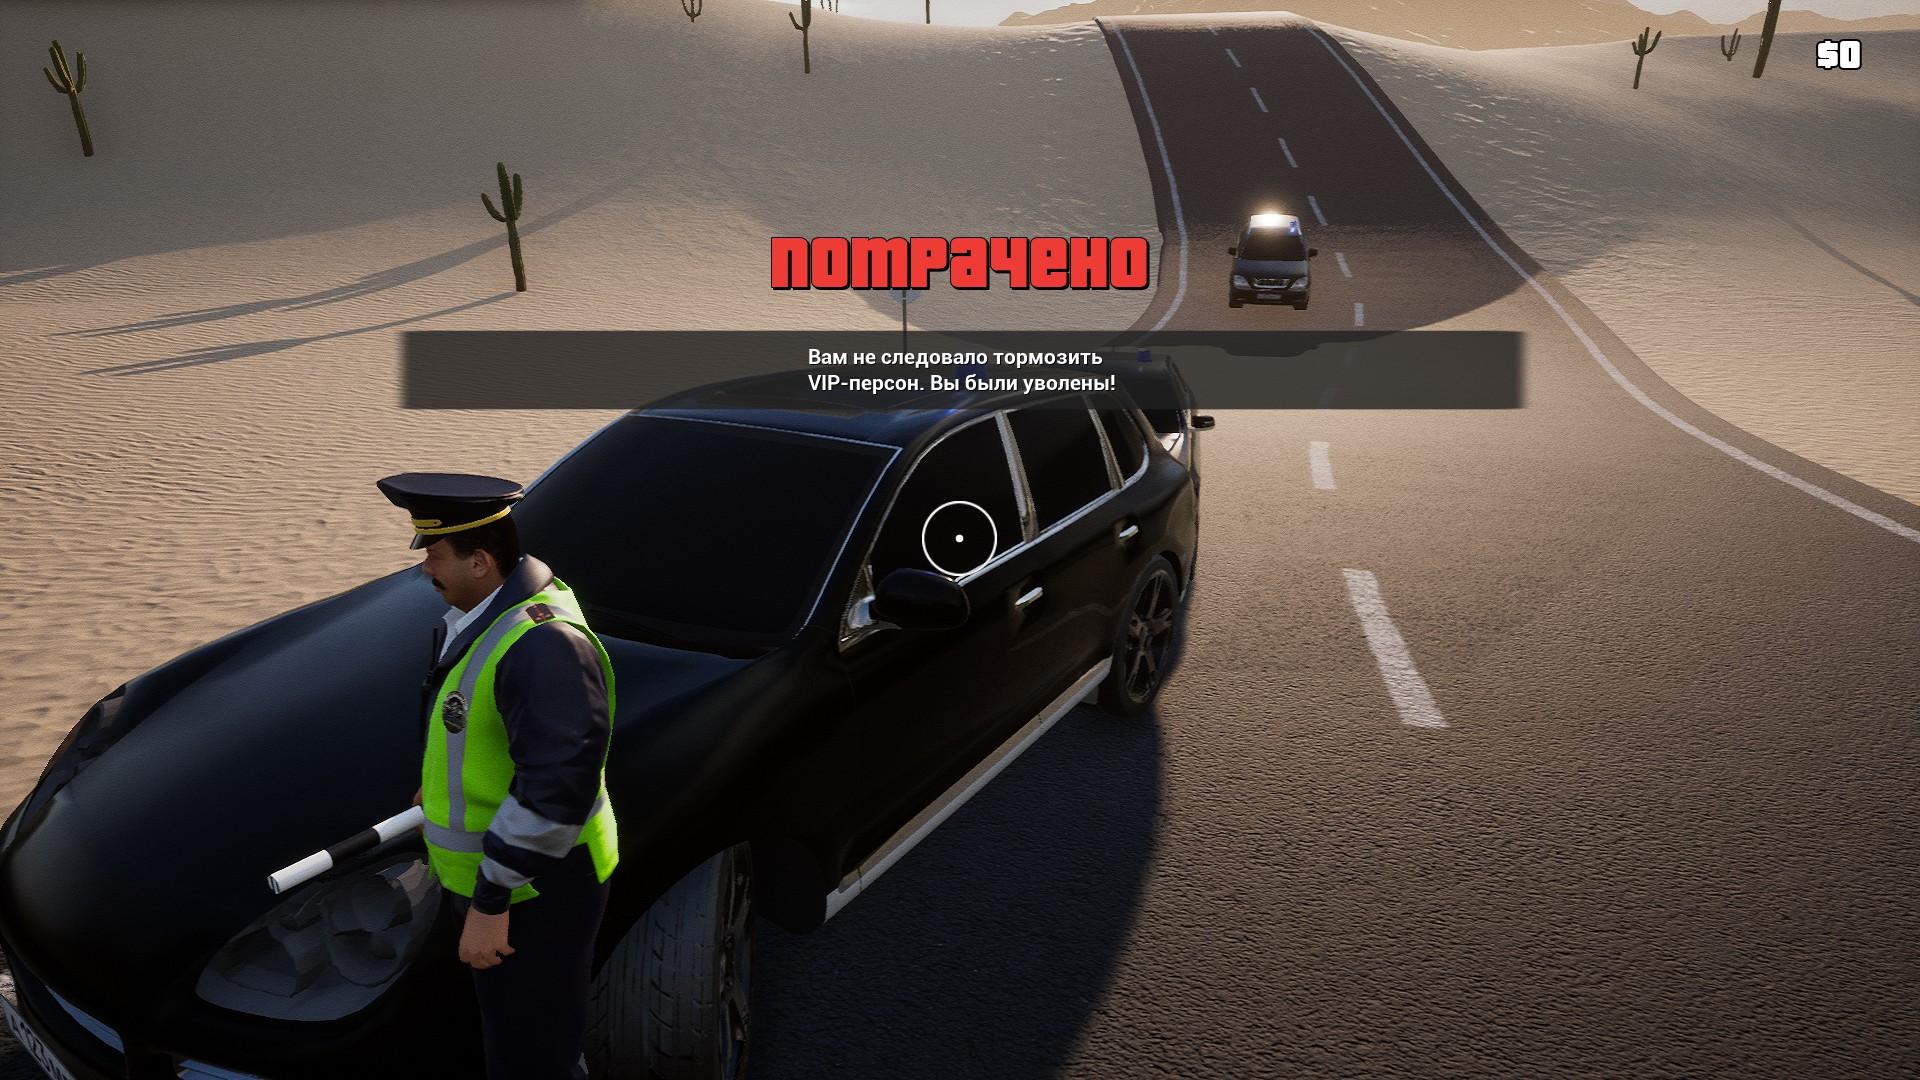 GAI Stops Auto: Right Version image 56